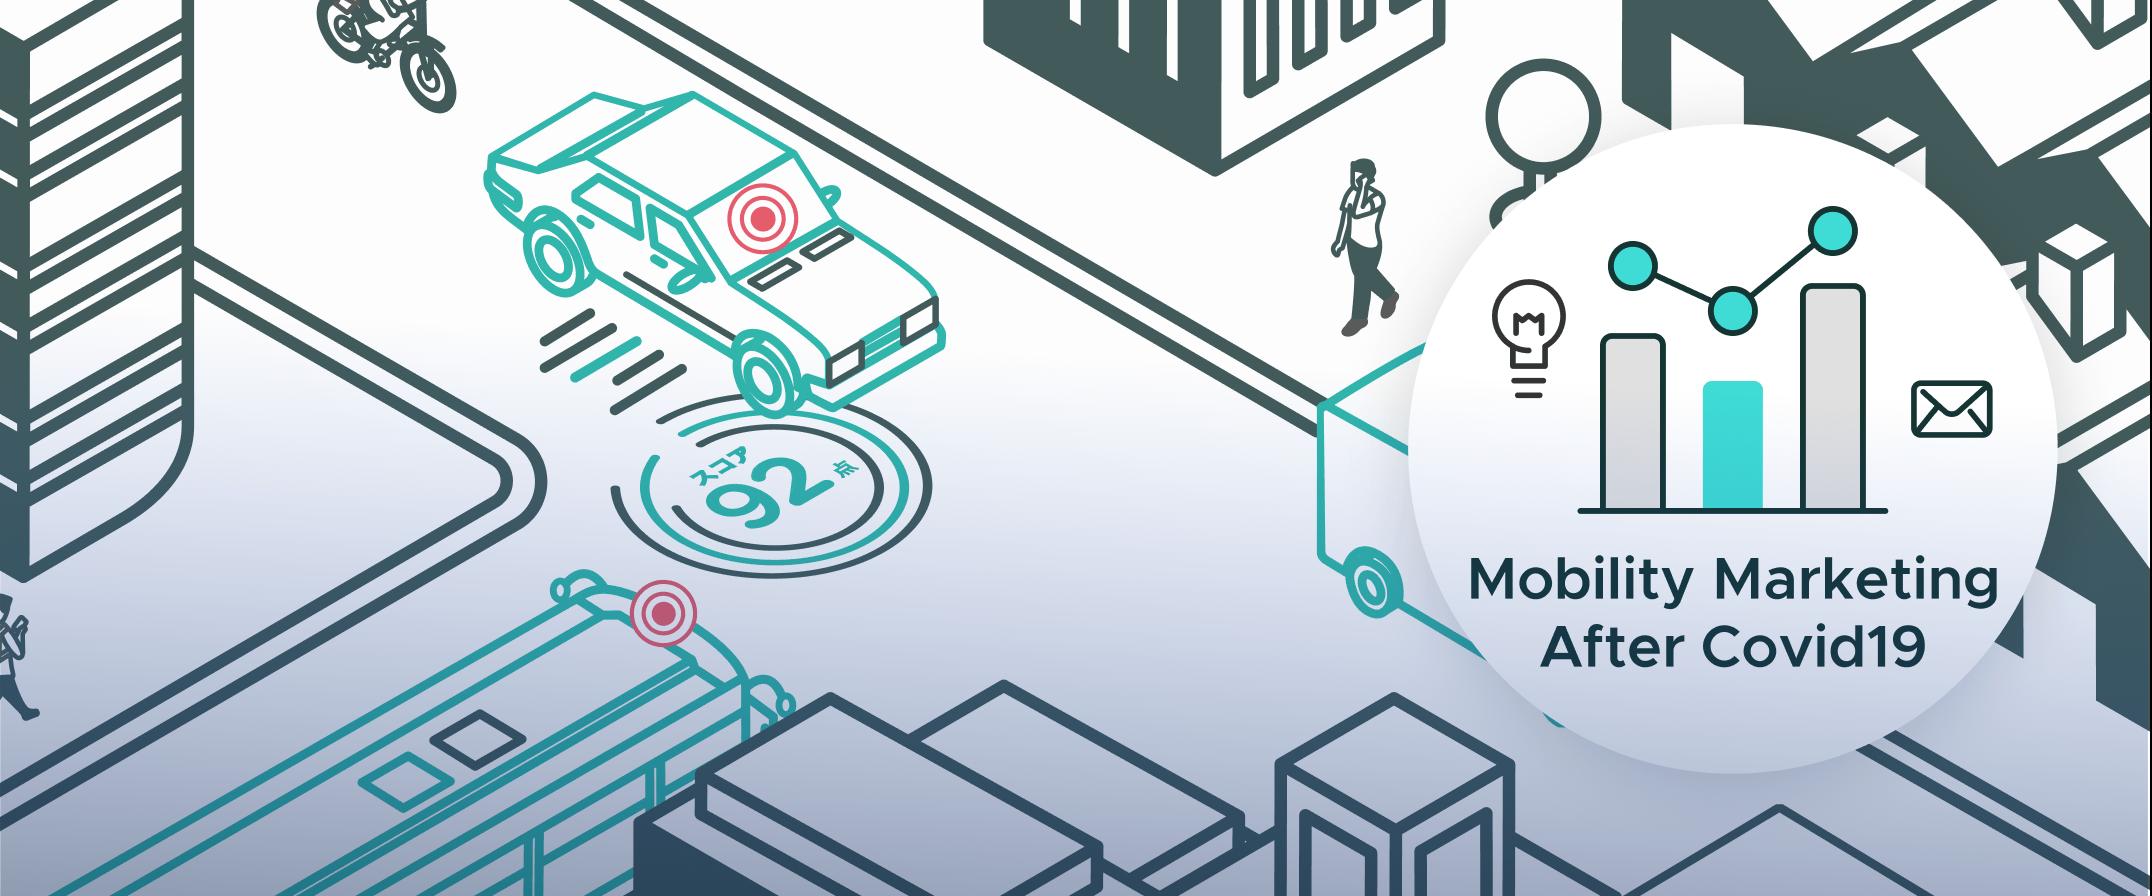 「モビリティデータを活用したデジタルマーケティングとは?」セミナーレポート